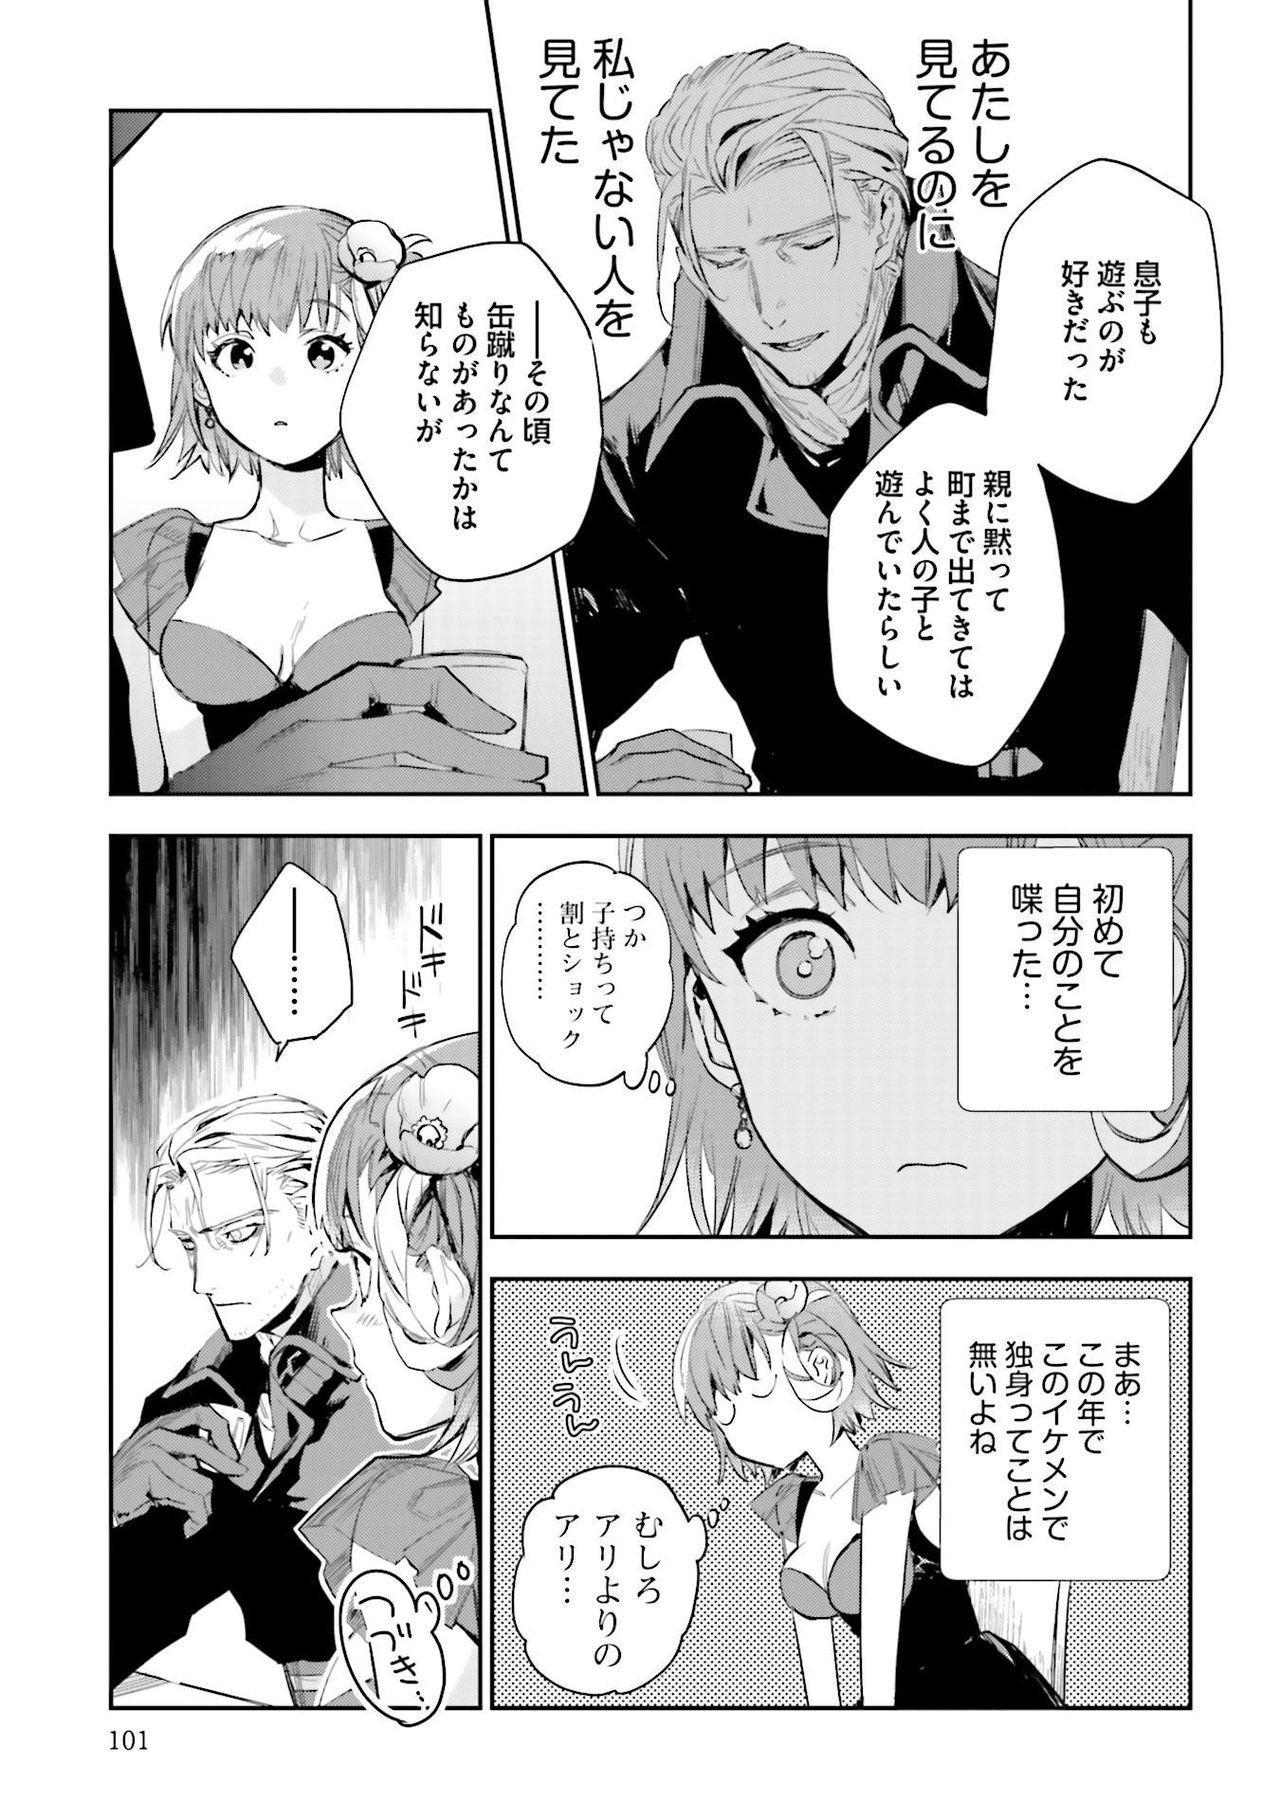 JK Haru wa Isekai de Shoufu ni Natta 1-14 460